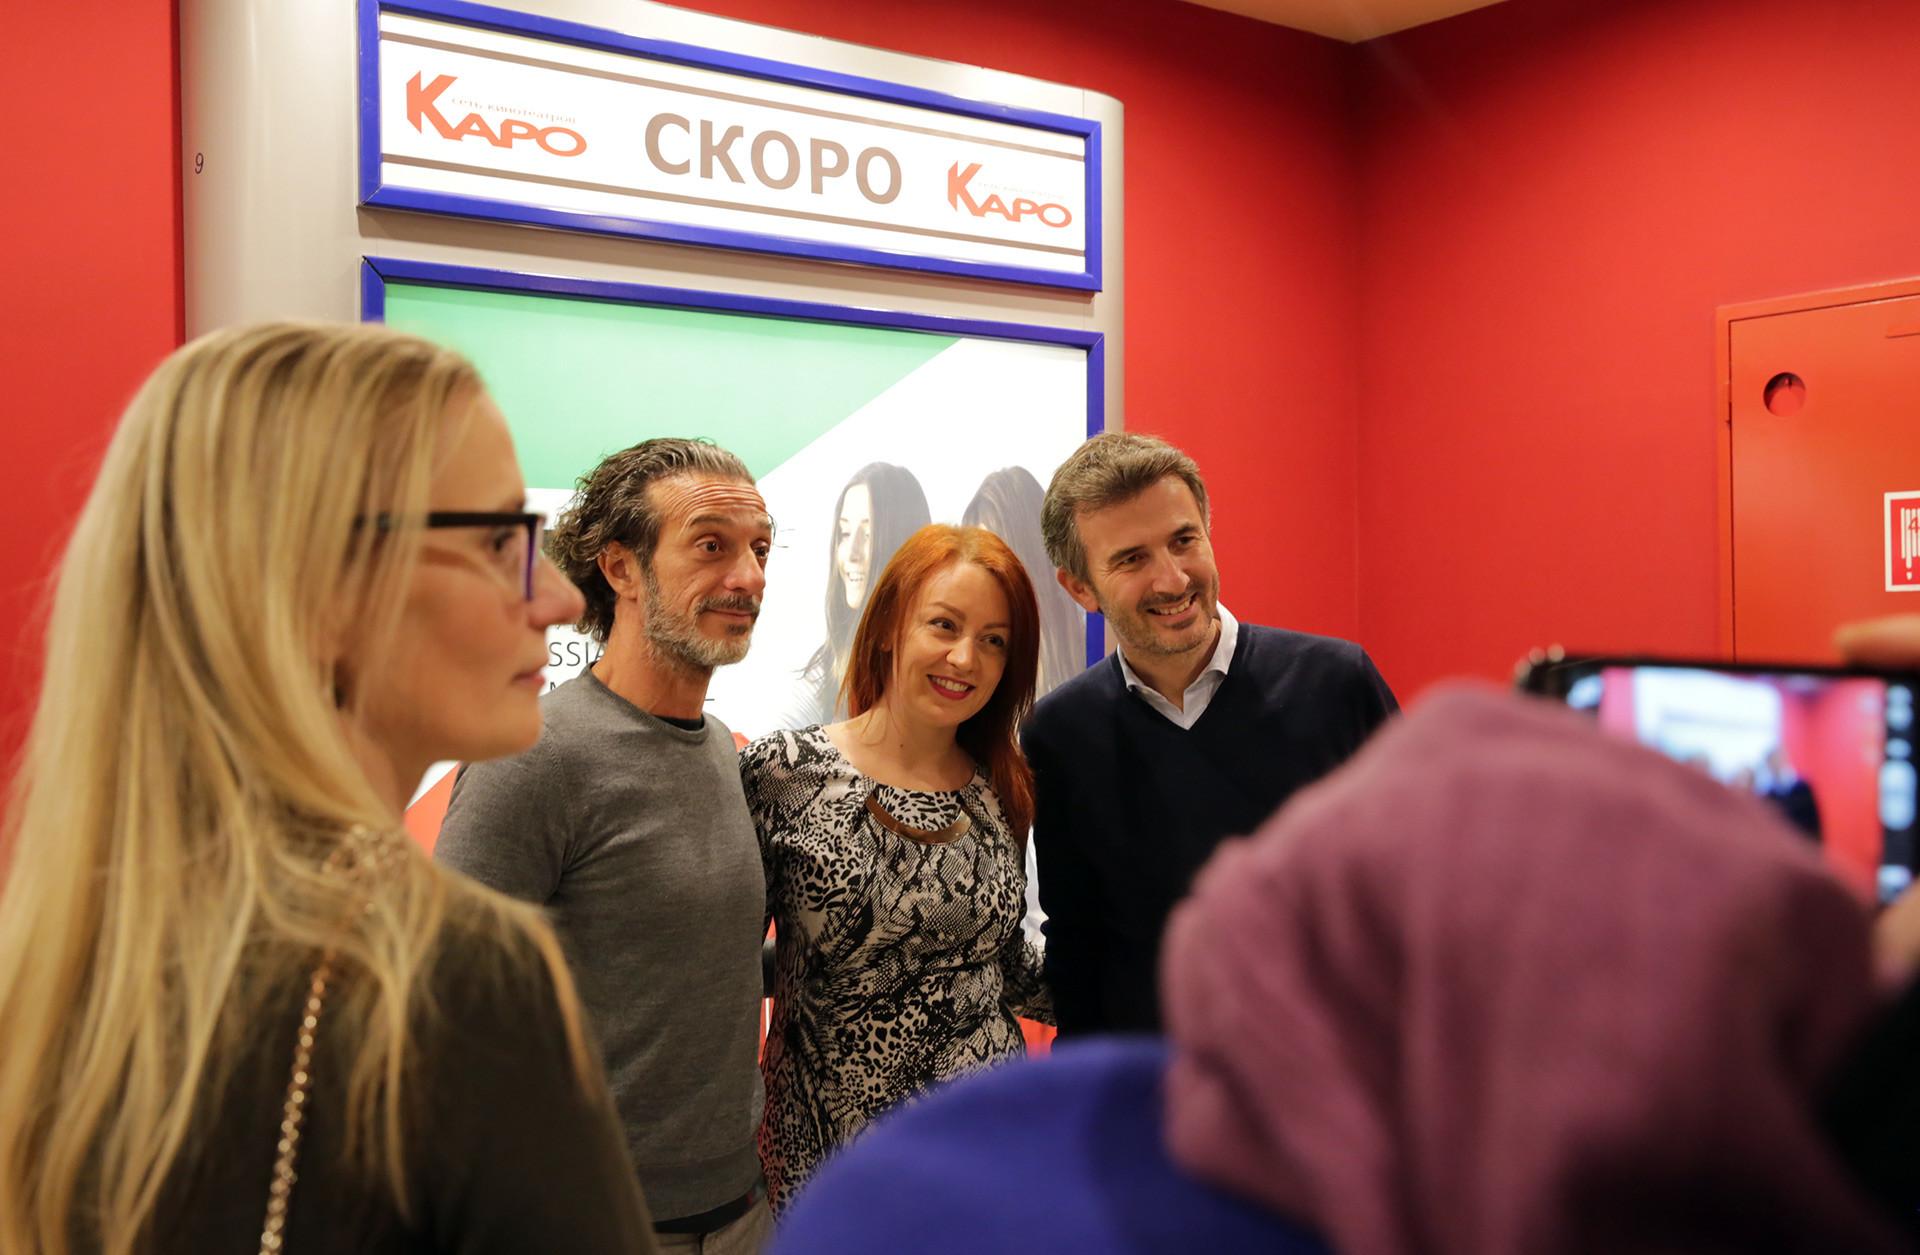 I comici Ficarra e Picone incontrano il pubblico russo al cinema Karo Oktyabr di Mosca